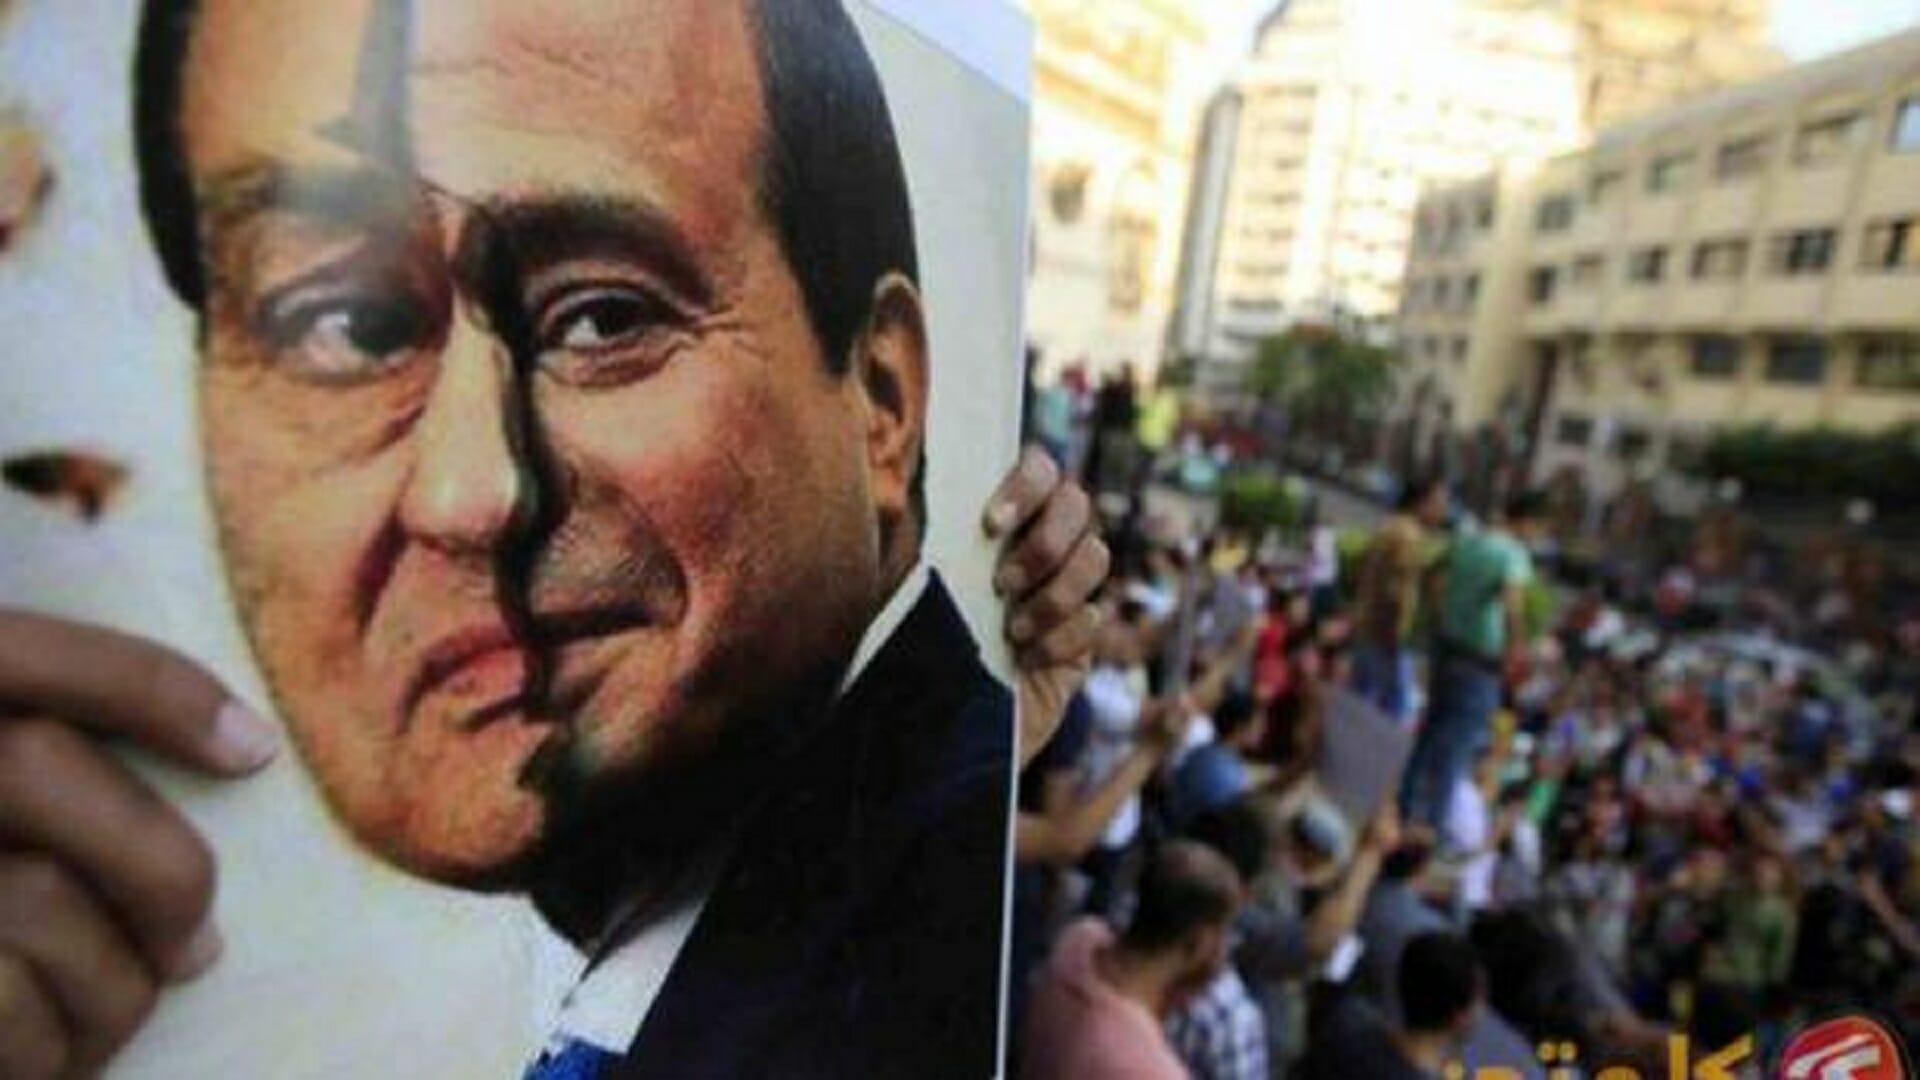 صحيفة تعري امبراطورية السيسي الذي استغل سقوط مبارك